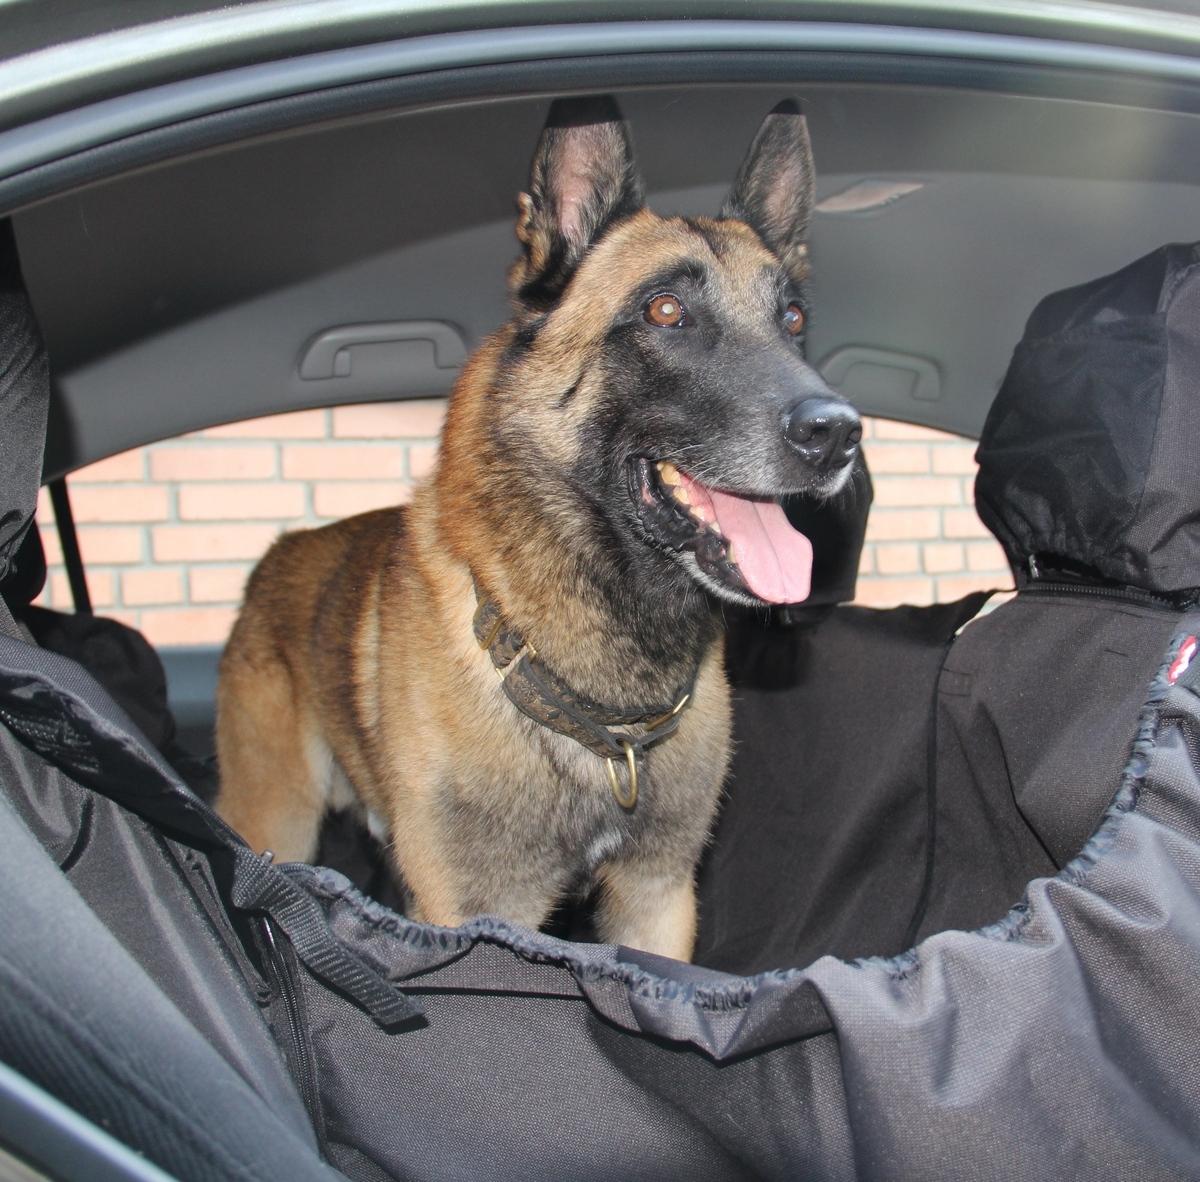 Автогамак для собак OSSO Fashion Car Premium, с защитой обивки дверей, цвет: серыйГ-1005Автогамак OSSO Fashion Car Premium с защитой обивки дверей – это 3 автогамака в одном: – вы можете его использовать на полное сидение, на 1/3 сидения, на 2/3 сидения и в багажнике, достаточно только перестегнуть боковые части гамака. Автогамак OSSO Fashion Car Premium с защитой обивки задних дверей имеет ряд преимуществ: – легко монтируется между передними и задними сиденьями любой марки автомобиля, его можно устанавливать в багажном отделении салона (автомобилей с кузовом «универсал» или внедорожников) – конструкция автогамака OSSO Fashion Car Premium с защитой обивки задних дверей предохраняет от загрязнений сидения, обивку салона и обивку дверей – идеально подходит для собак всех пород, не вызывает раздражения у животных – конструкция гамака надежно защищает питомца во время поездок (движения/торможения) – собака уже не соскользнет с заднего сидения даже при резком торможении – а также ограничивает её передвижение по салону. Автогамак...